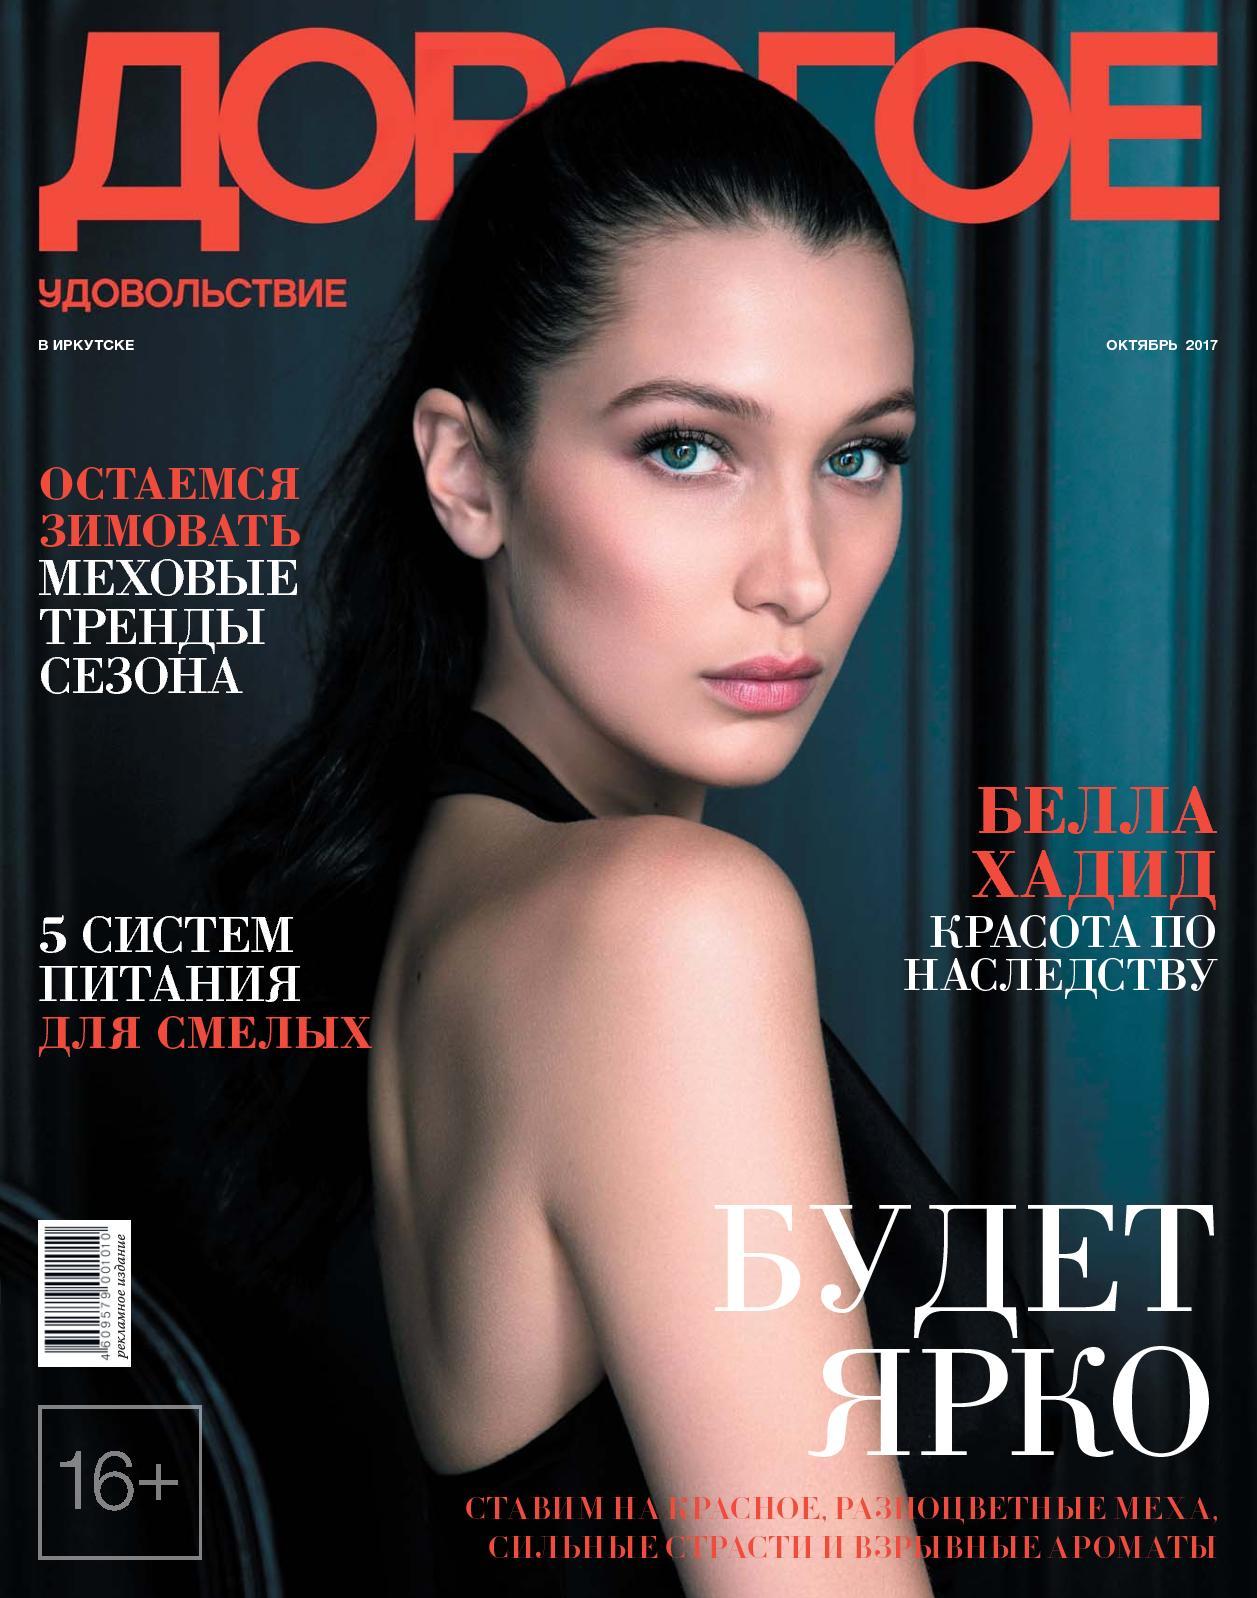 Знакомства 7777 иркутская область лесби знакомства для женщин